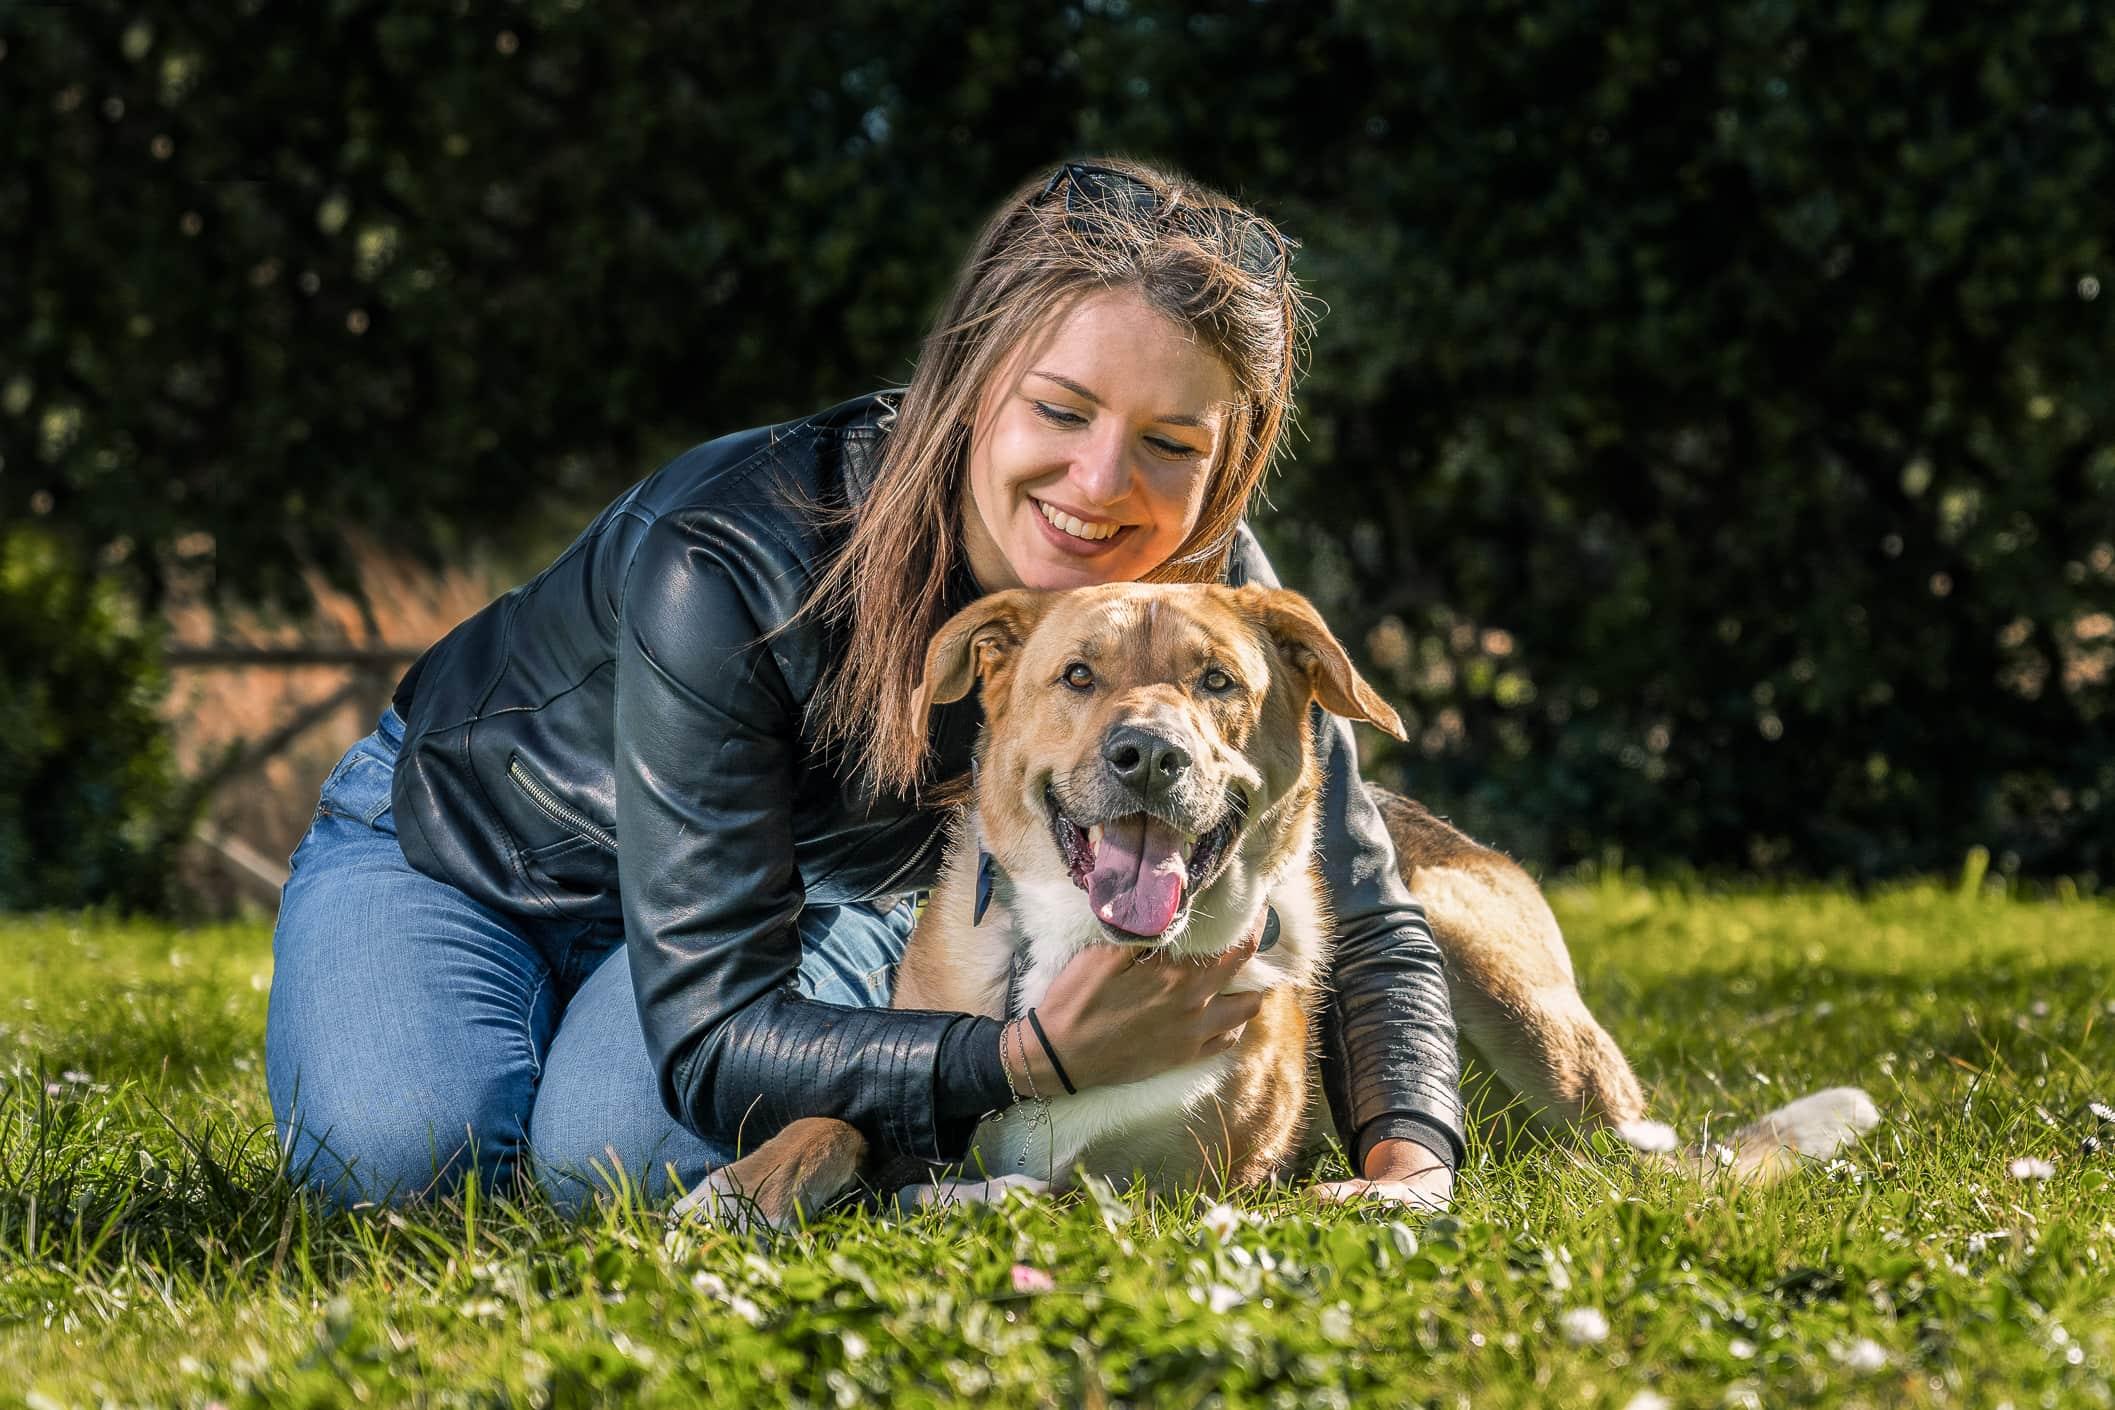 ragazza-abbraccio-cane-sorriso-campo-erba